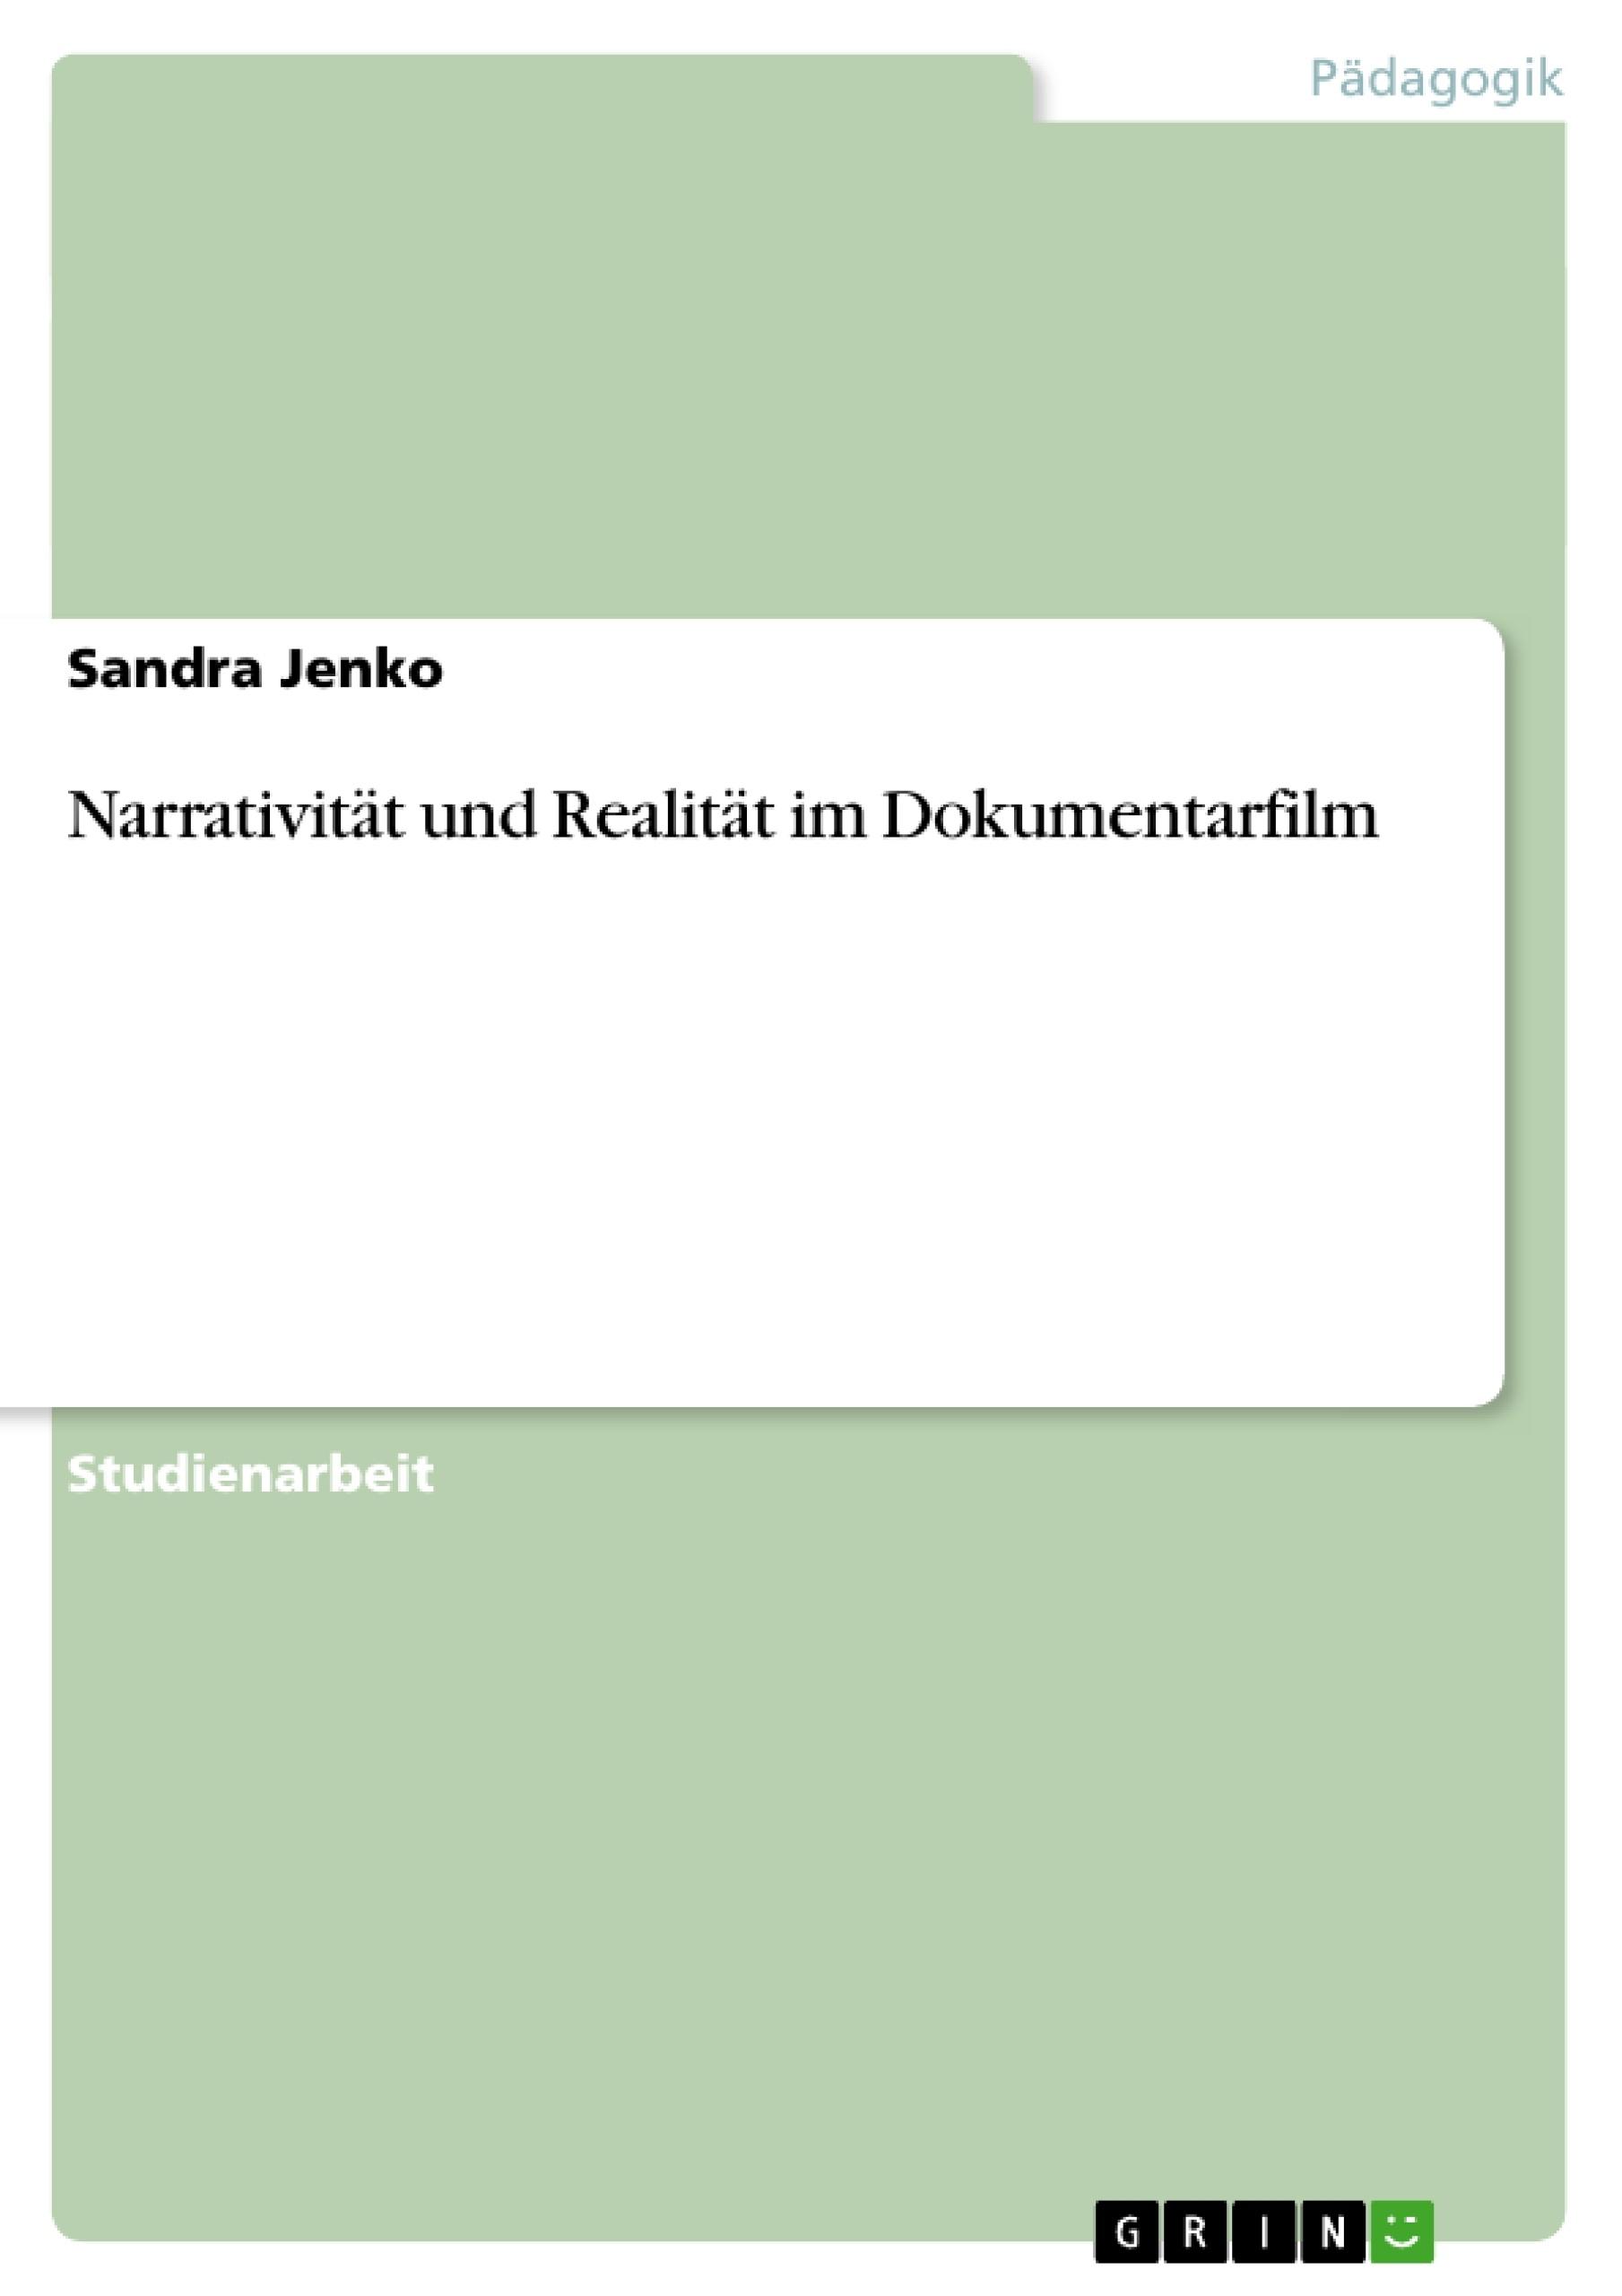 Titel: Narrativität und Realität im Dokumentarfilm